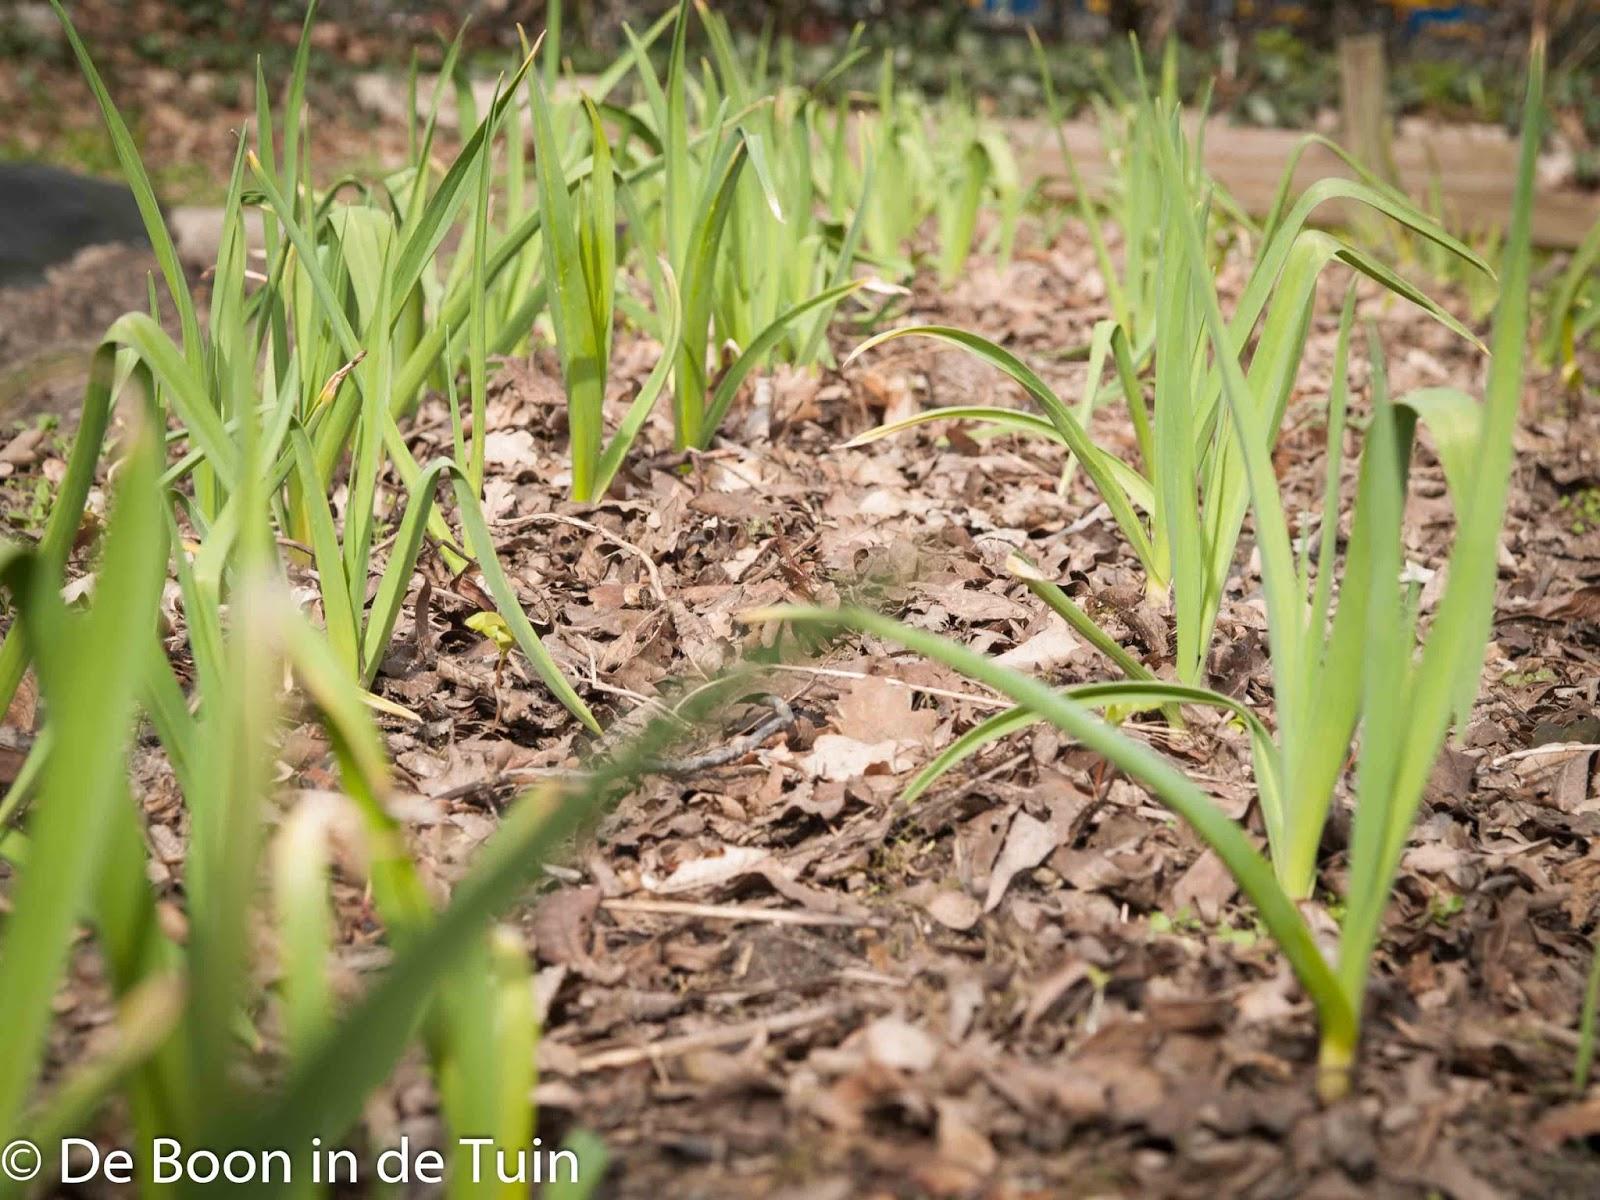 knoflook moestuin volkstuin maart voorjaar lente